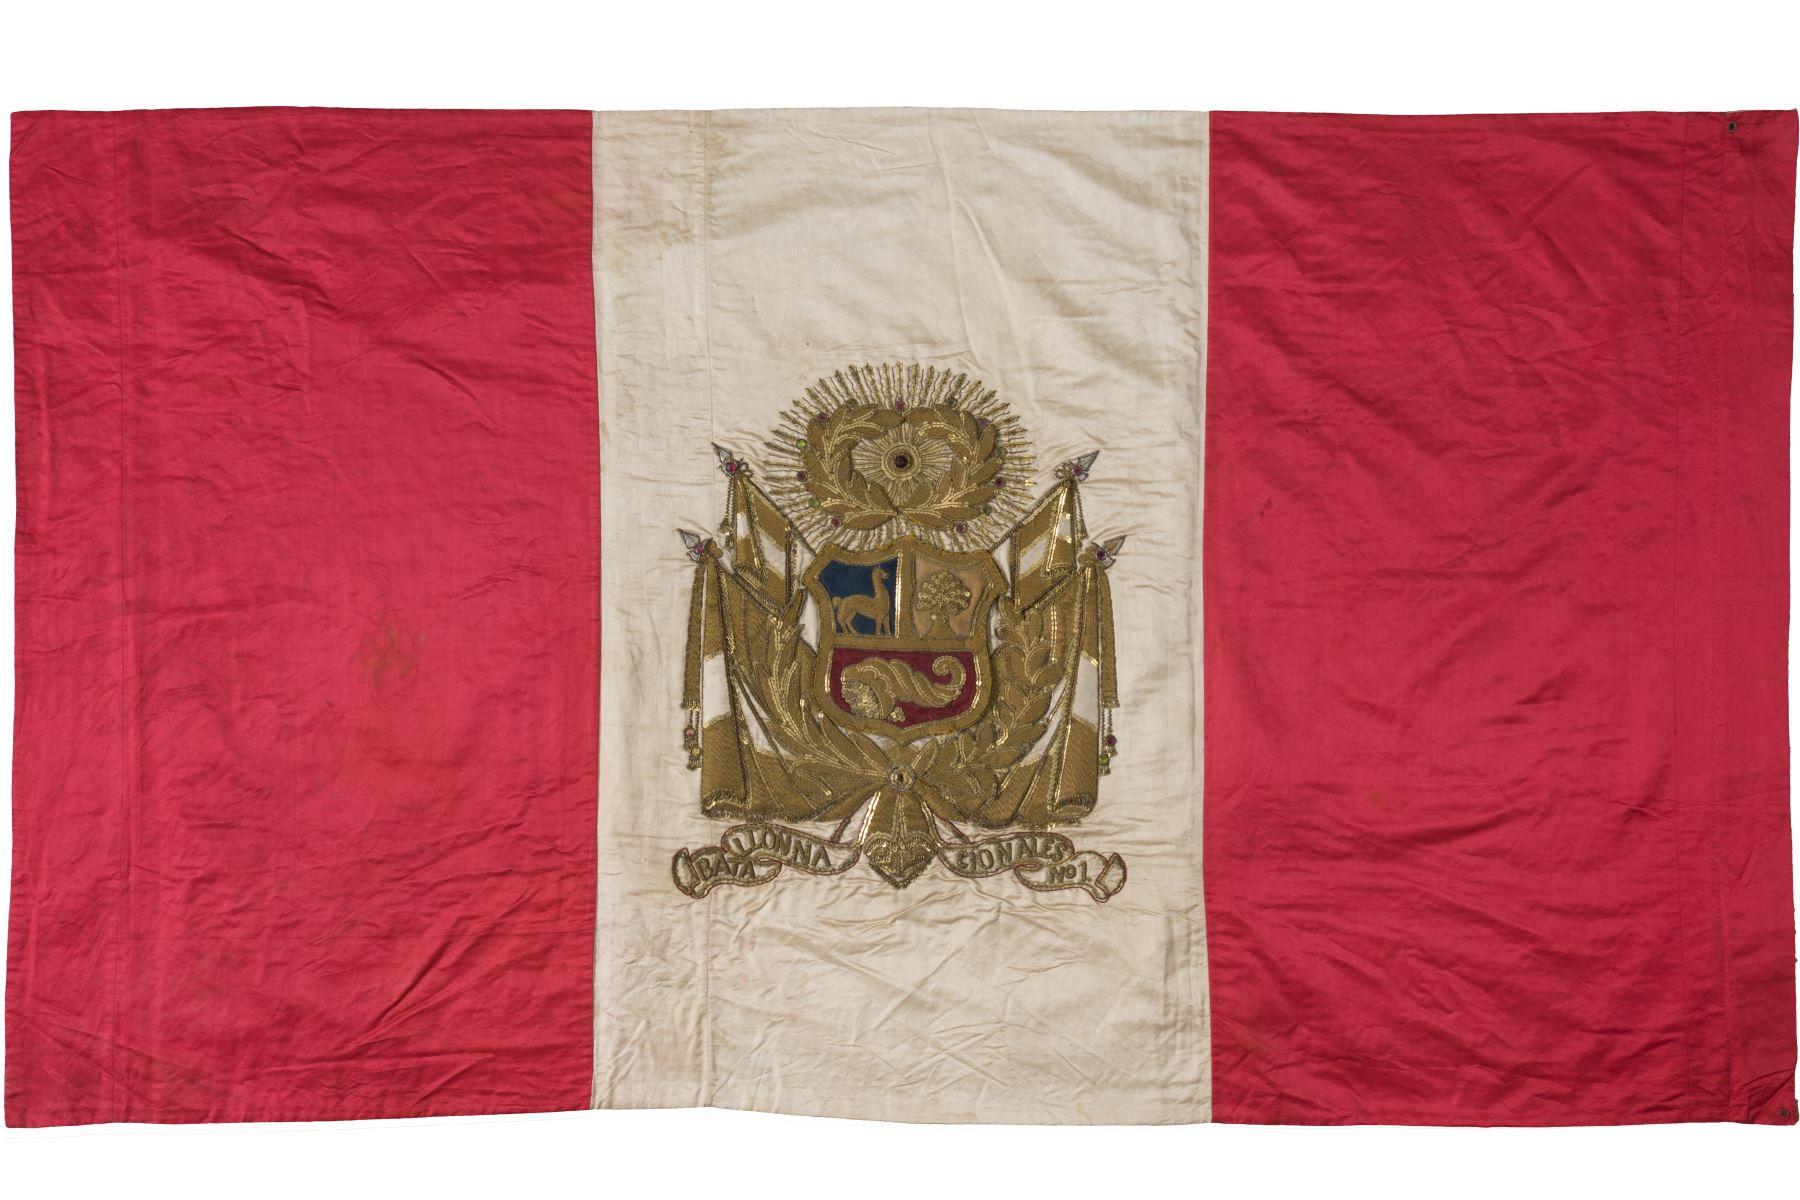 Escudo de oro bordado en el pabellón del Batallón Nacionales Nº1. Foto: Cortesía